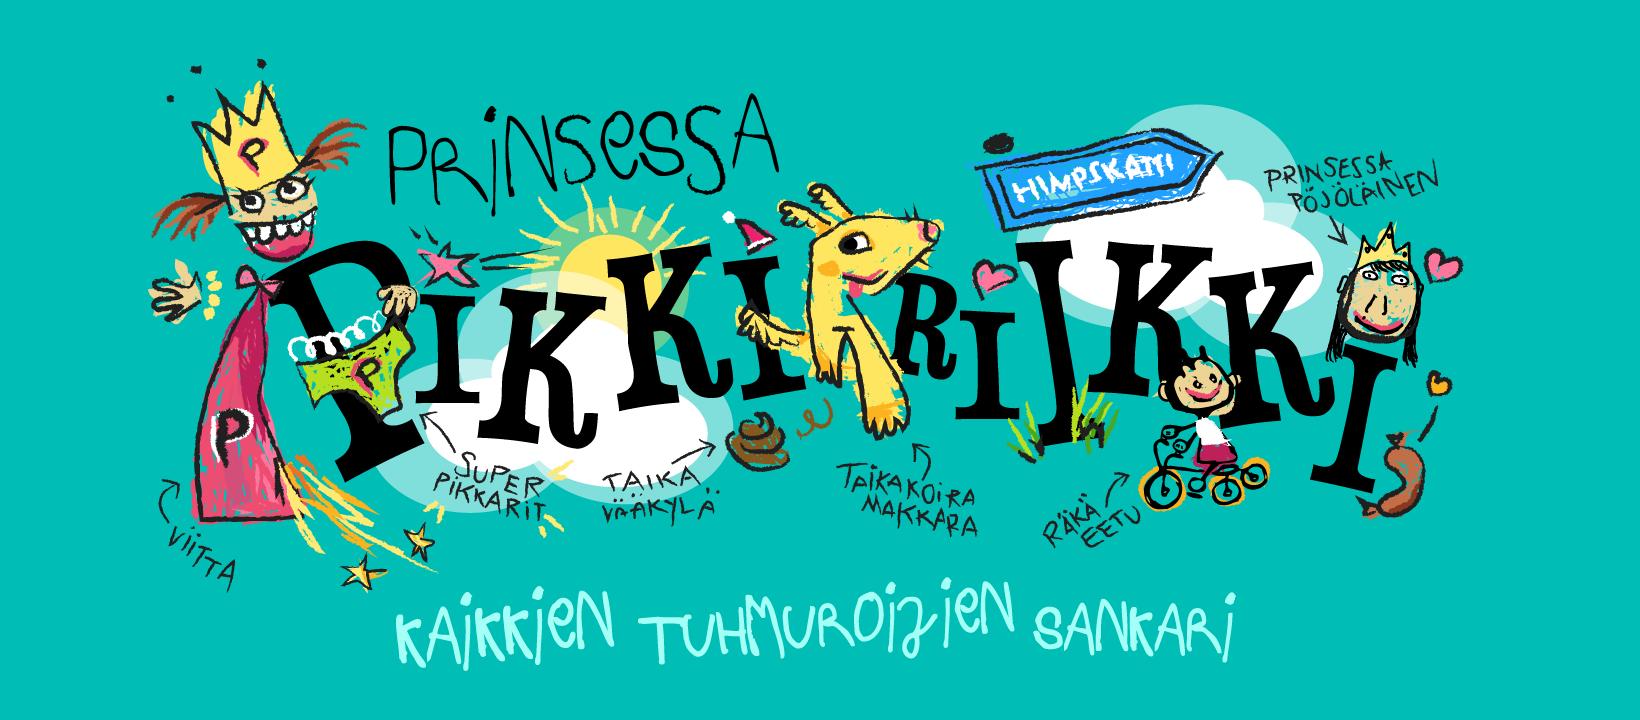 Kuuma Ankanpoikanen ja TEHDAS Teatteri: Prinsessa Pikkiriikki